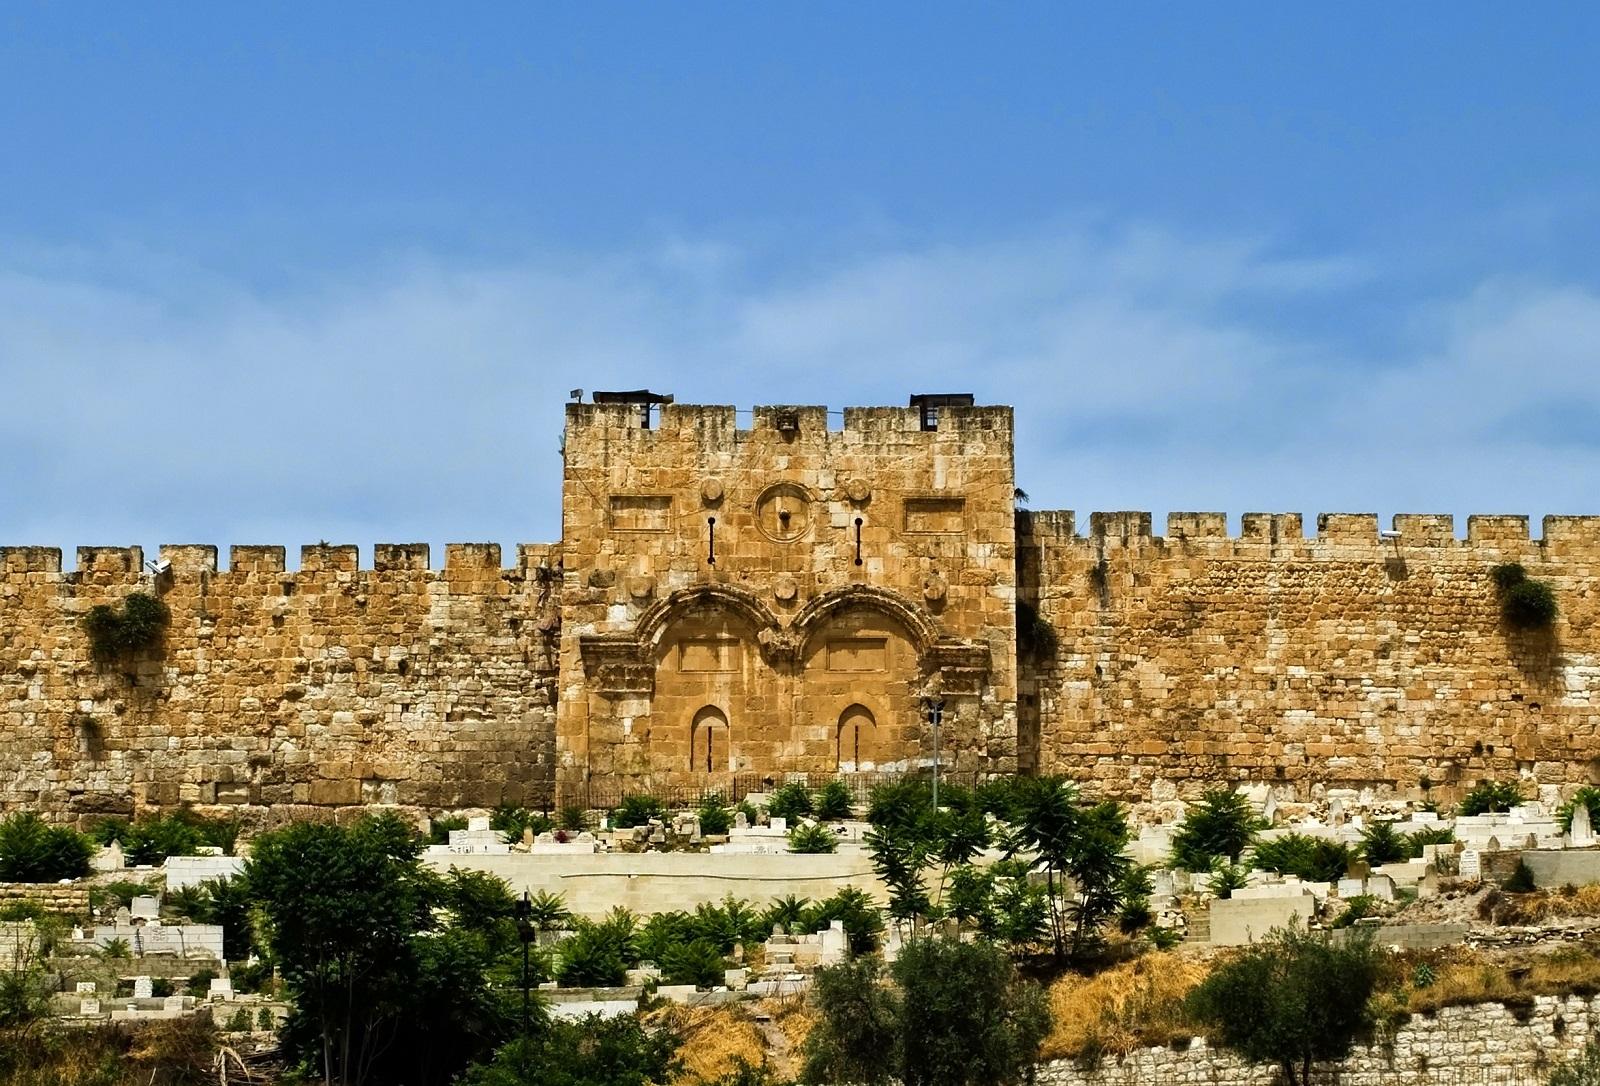 上图:耶路撒冷圣殿山东面的金门(Golden Gate),可能由东罗马帝国皇帝查士丁尼一世于主后520年左右兴建于早期城门的废墟之上。根据犹太人的传统,弥赛亚将会经过东门进入耶路撒冷。因此中世纪的犹太人常在此门祈求怜悯,并起名为仁慈门。主后810年,穆斯林关闭了金门,1102年被十字军重新打开,1187年被萨拉丁再度关闭。1541年,奥斯曼帝国苏莱曼一世筑墙封闭金门至今,据说目的是为了防止假弥赛亚或敌基督进入。为了以防止假基督的先导假以利亚进入,奥斯曼帝国在门前修建了一个墓地,因为穆斯林认为以利亚是祭司,而祭司不能进入墓地。但这并不正确,因为祭司可以进入墓地。